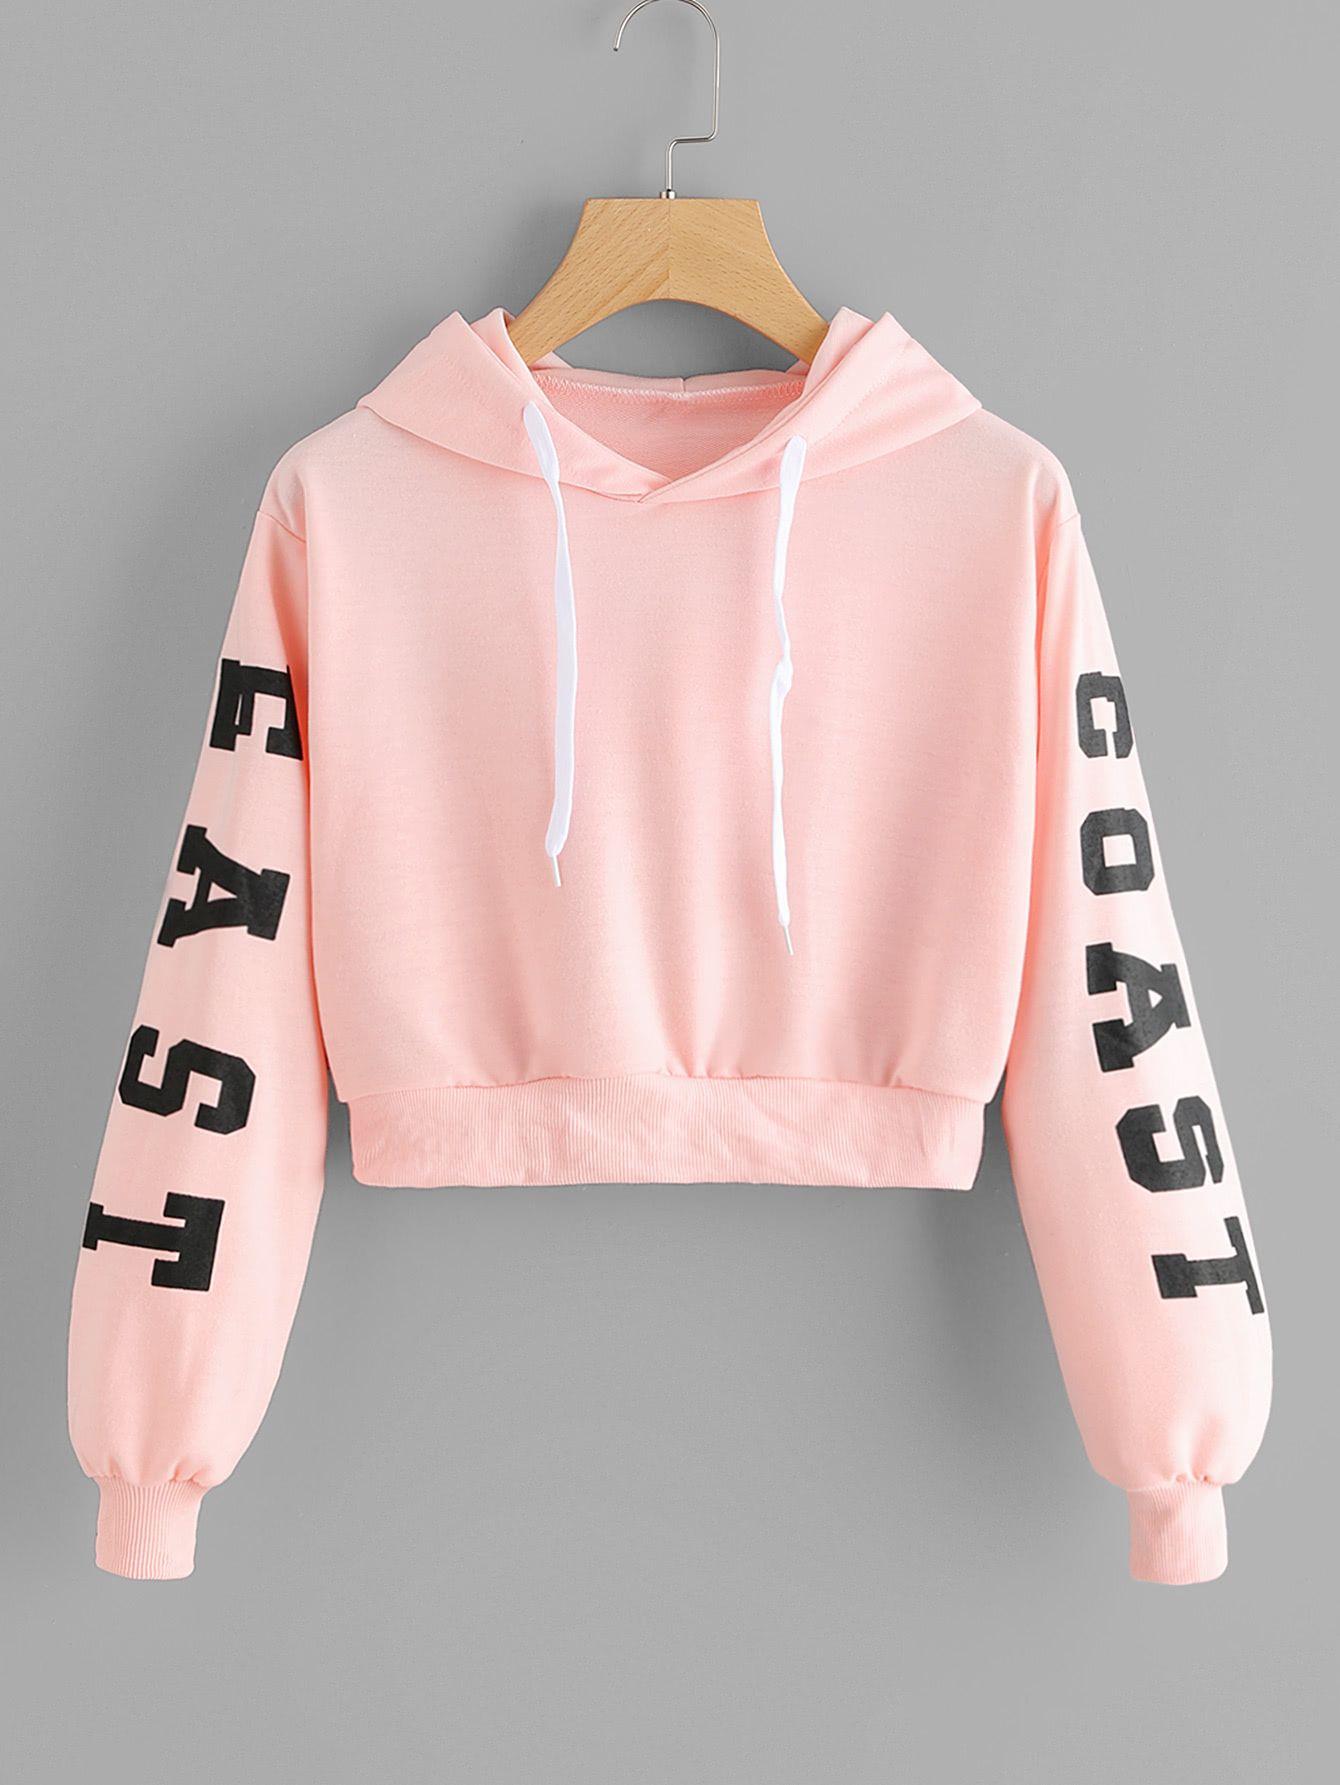 Teen Girl Crop Top Hoodies Pink Cat Ear Hoodie Solid White Active Long Sleeve Cropped Sweatshirt Pullover Sweater